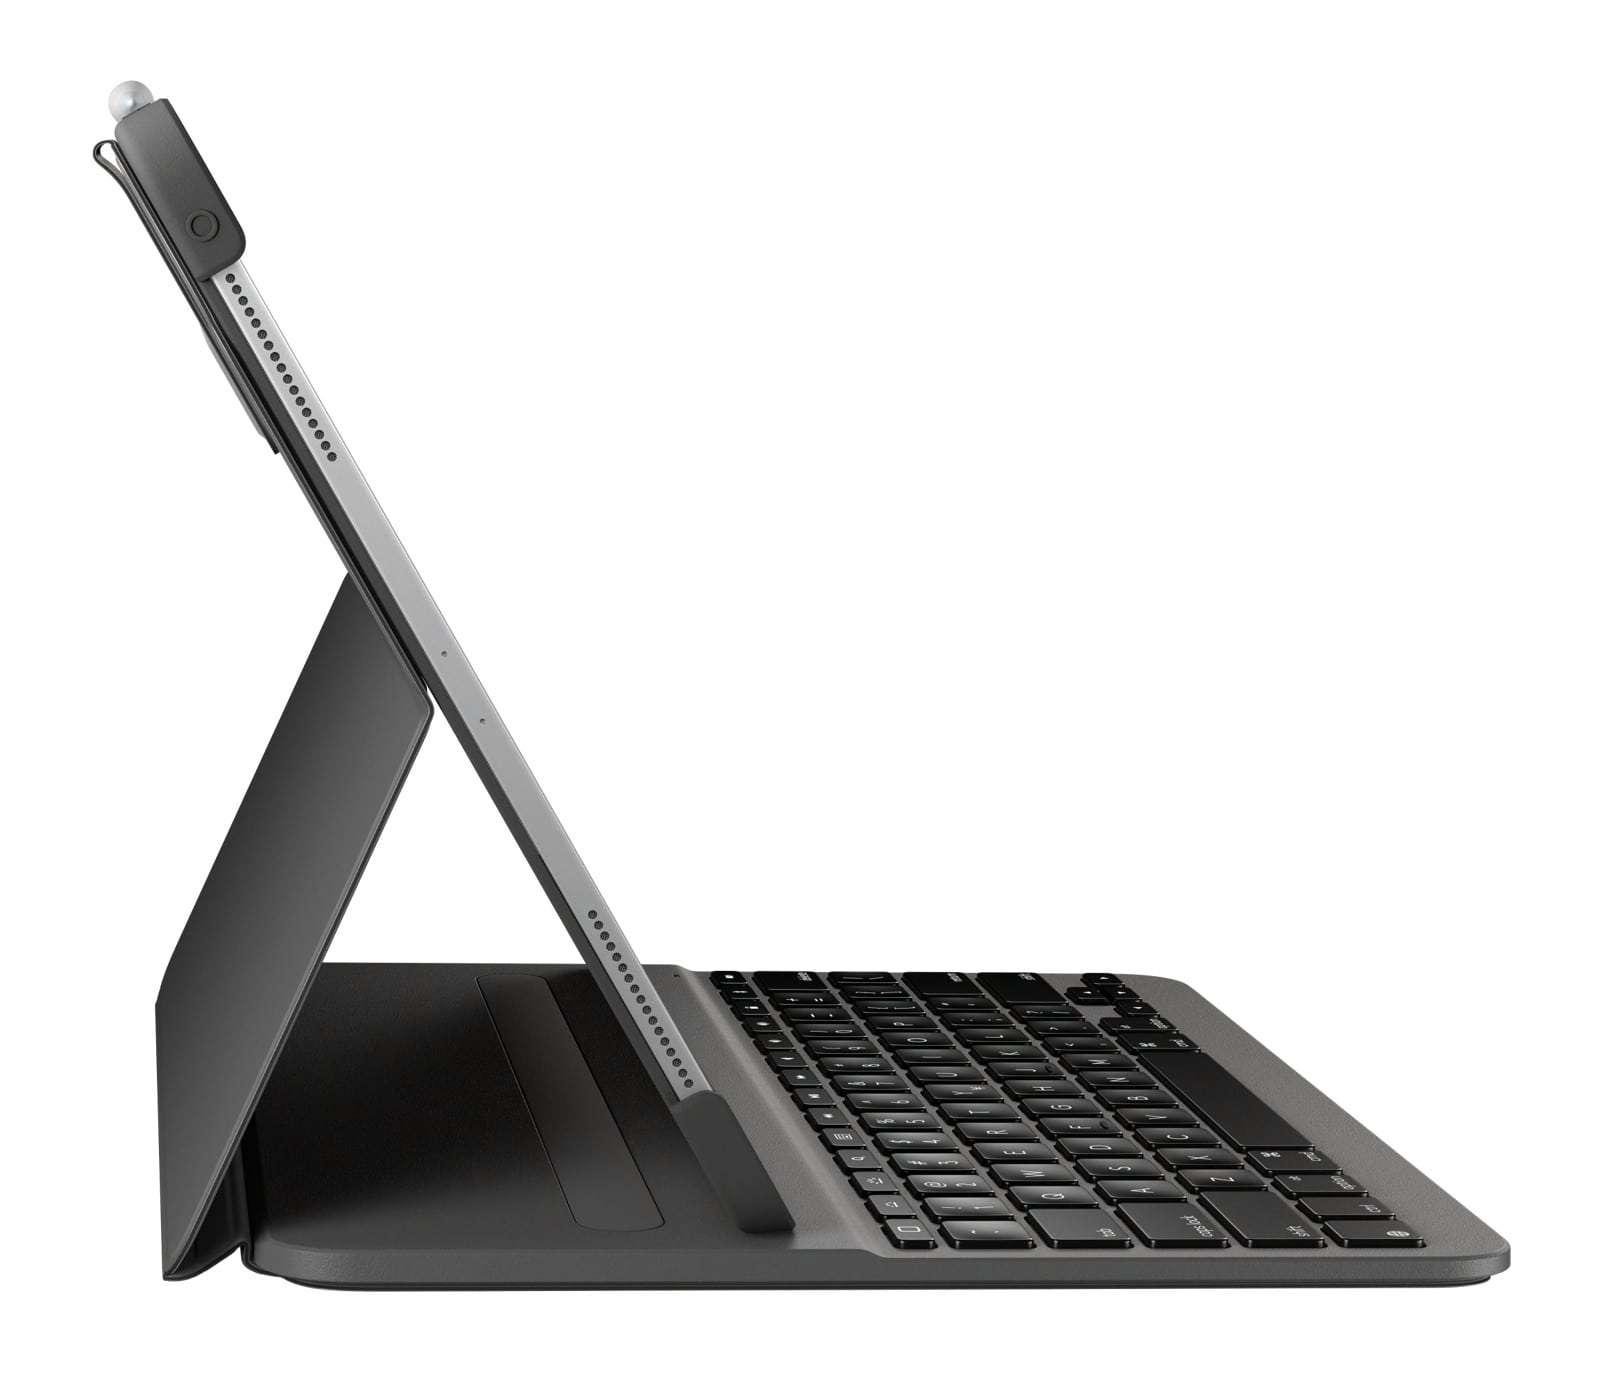 iPad Pro 12.9 için Logitech Slim Folio Pro Klavye 920-009711